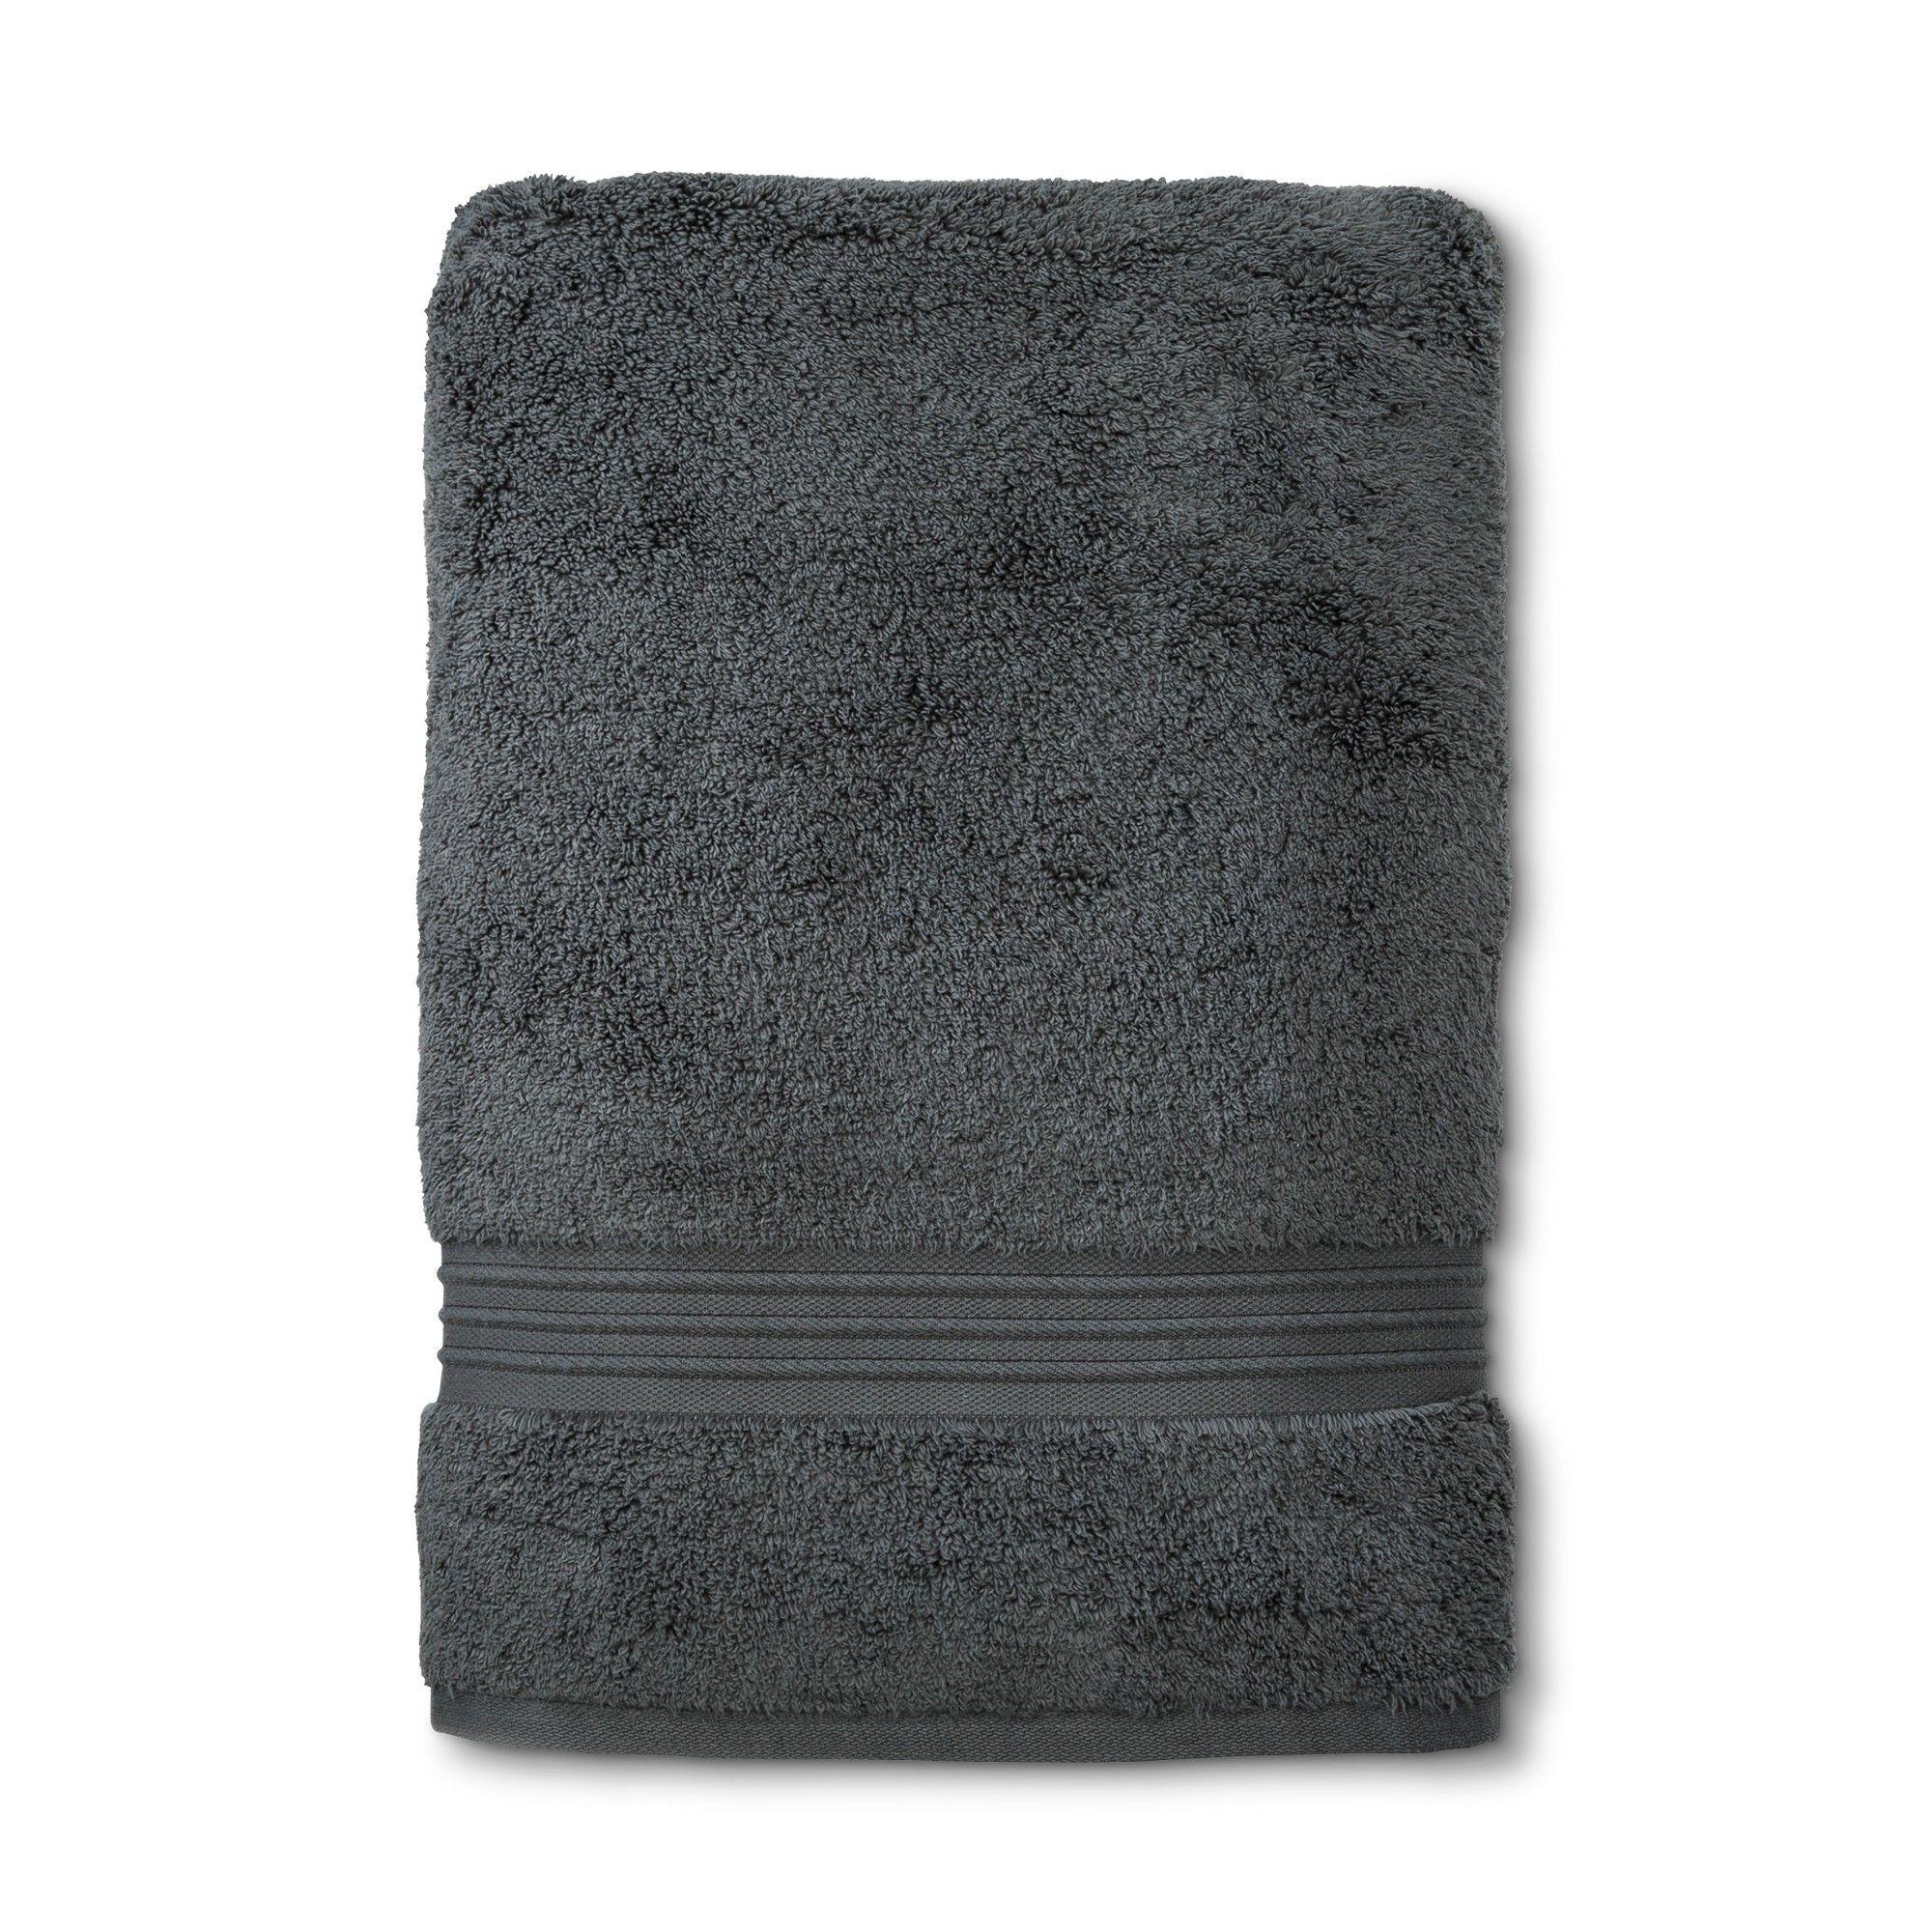 Spa Stripe Bath Sheet Dark Gray Fieldcrest In 2020 Bath Sheets